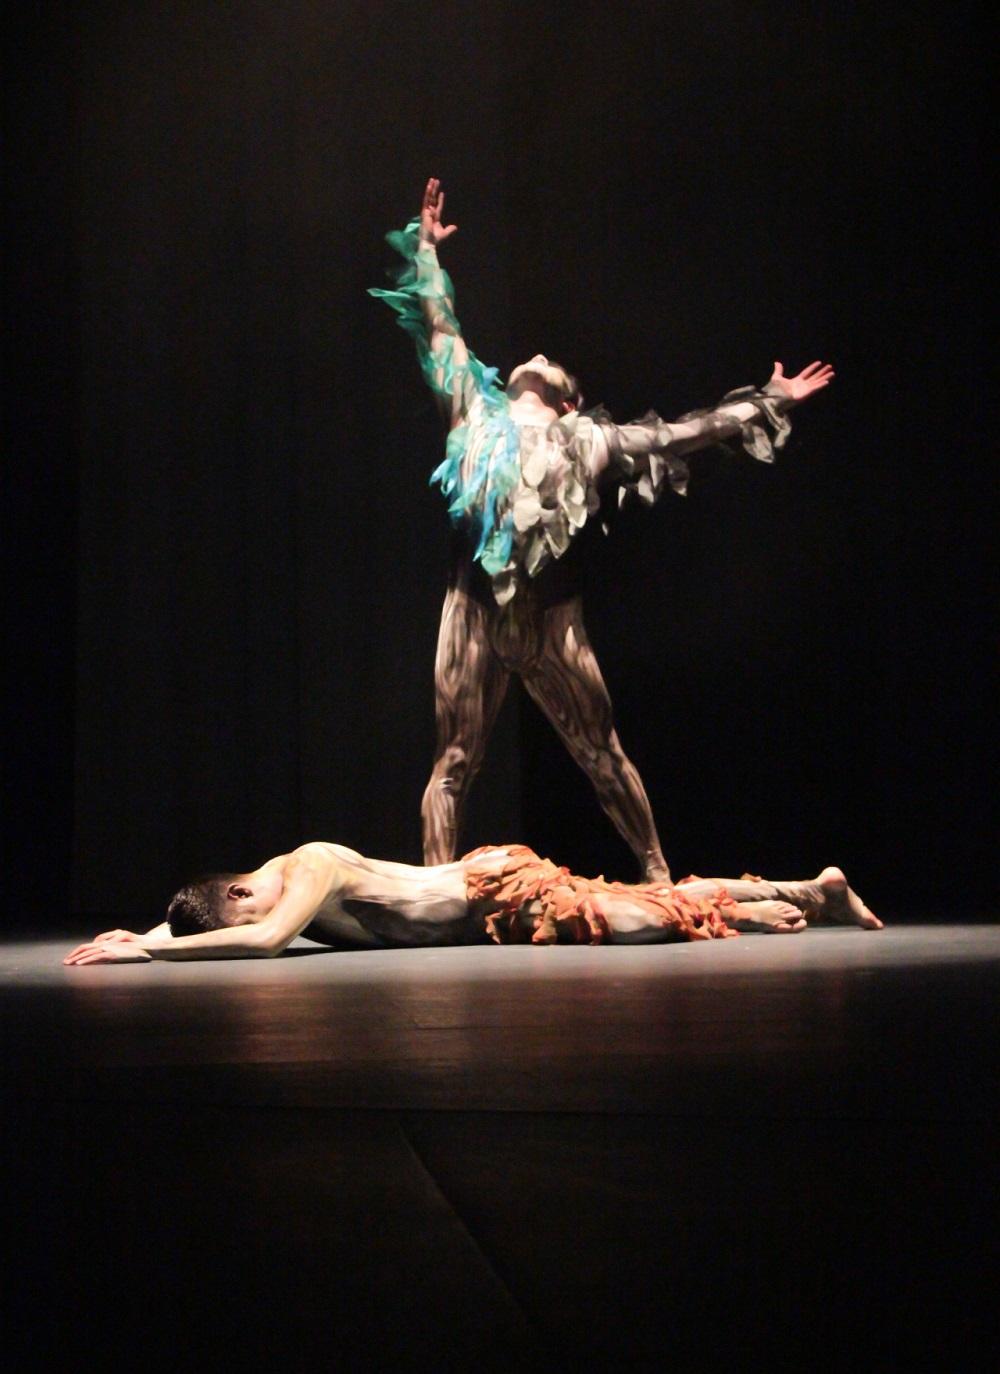 Yoko'Danza genera, con el movimiento y la música, un diálogo creativo